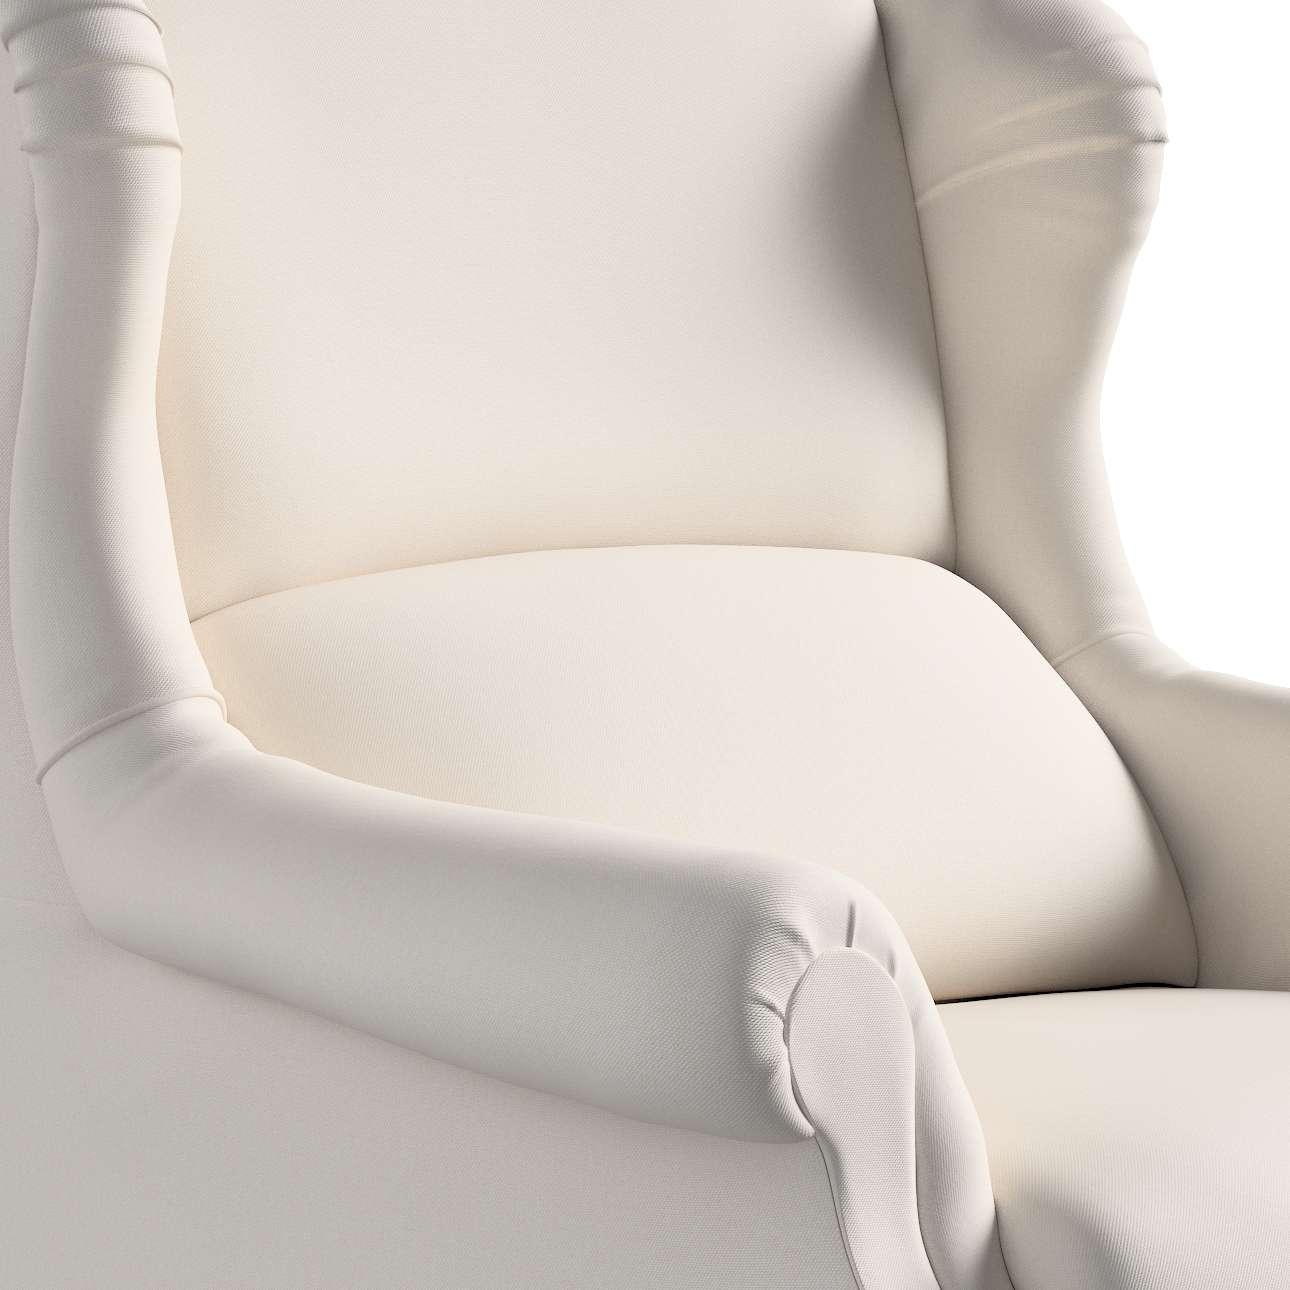 Sessel 63 x 115 cm von der Kollektion Etna, Stoff: 705-01